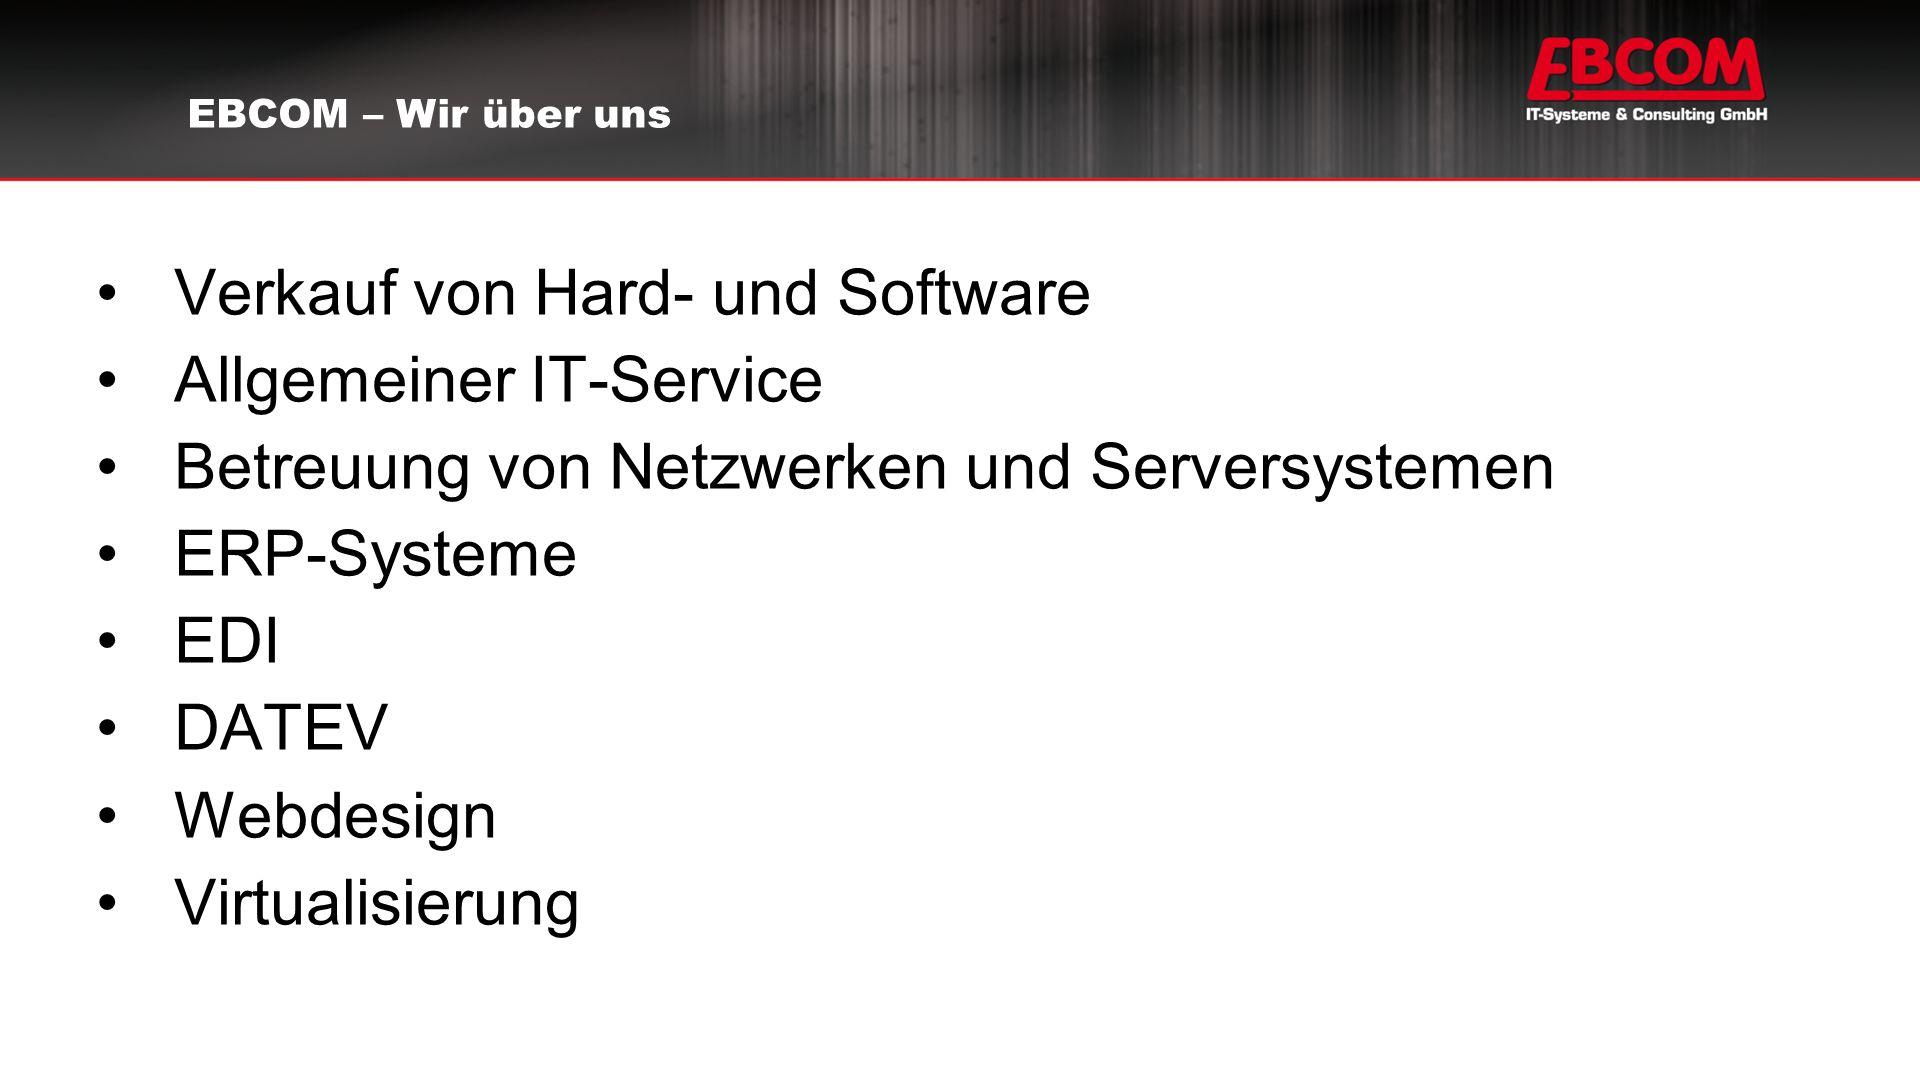 Verkauf von Hard- und Software Allgemeiner IT-Service Betreuung von Netzwerken und Serversystemen ERP-Systeme EDI DATEV Webdesign Virtualisierung EBCOM – Wir über uns